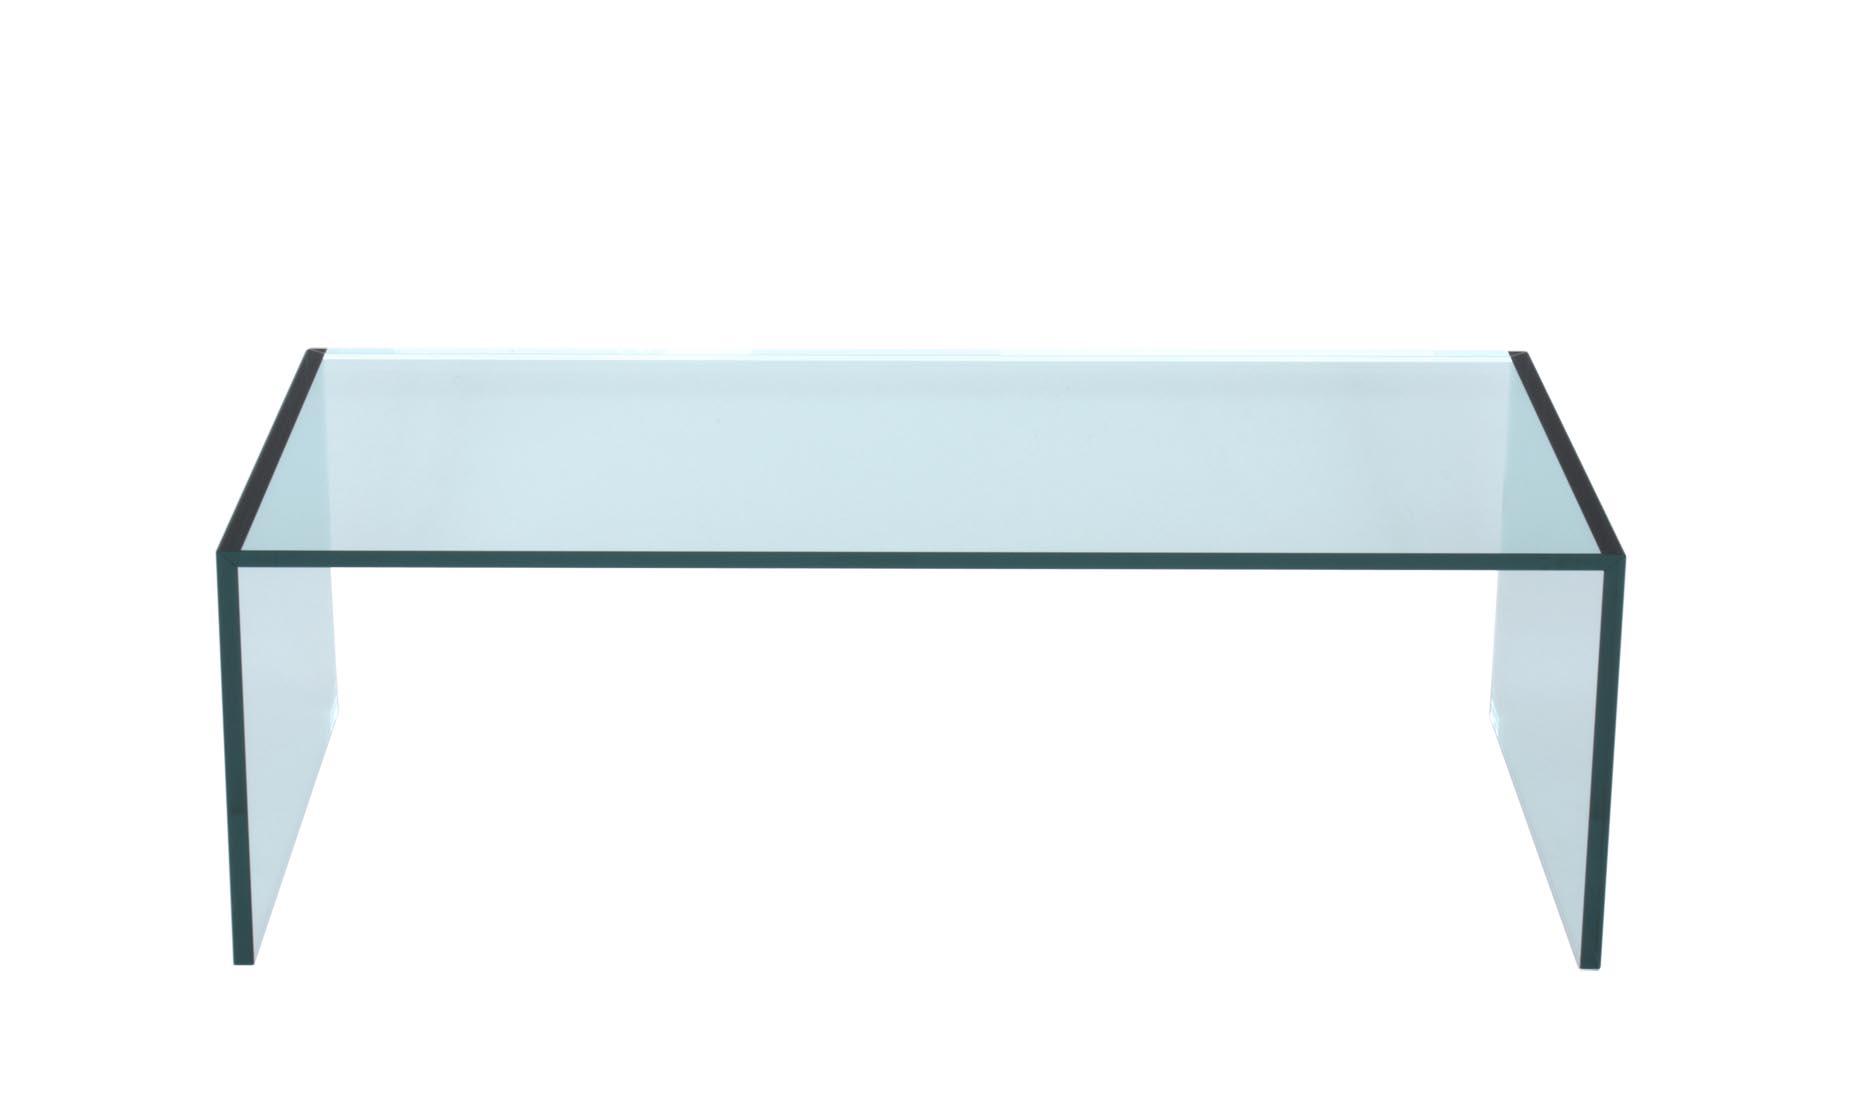 couchtisch tunel pures glas u tisch nach ma. Black Bedroom Furniture Sets. Home Design Ideas